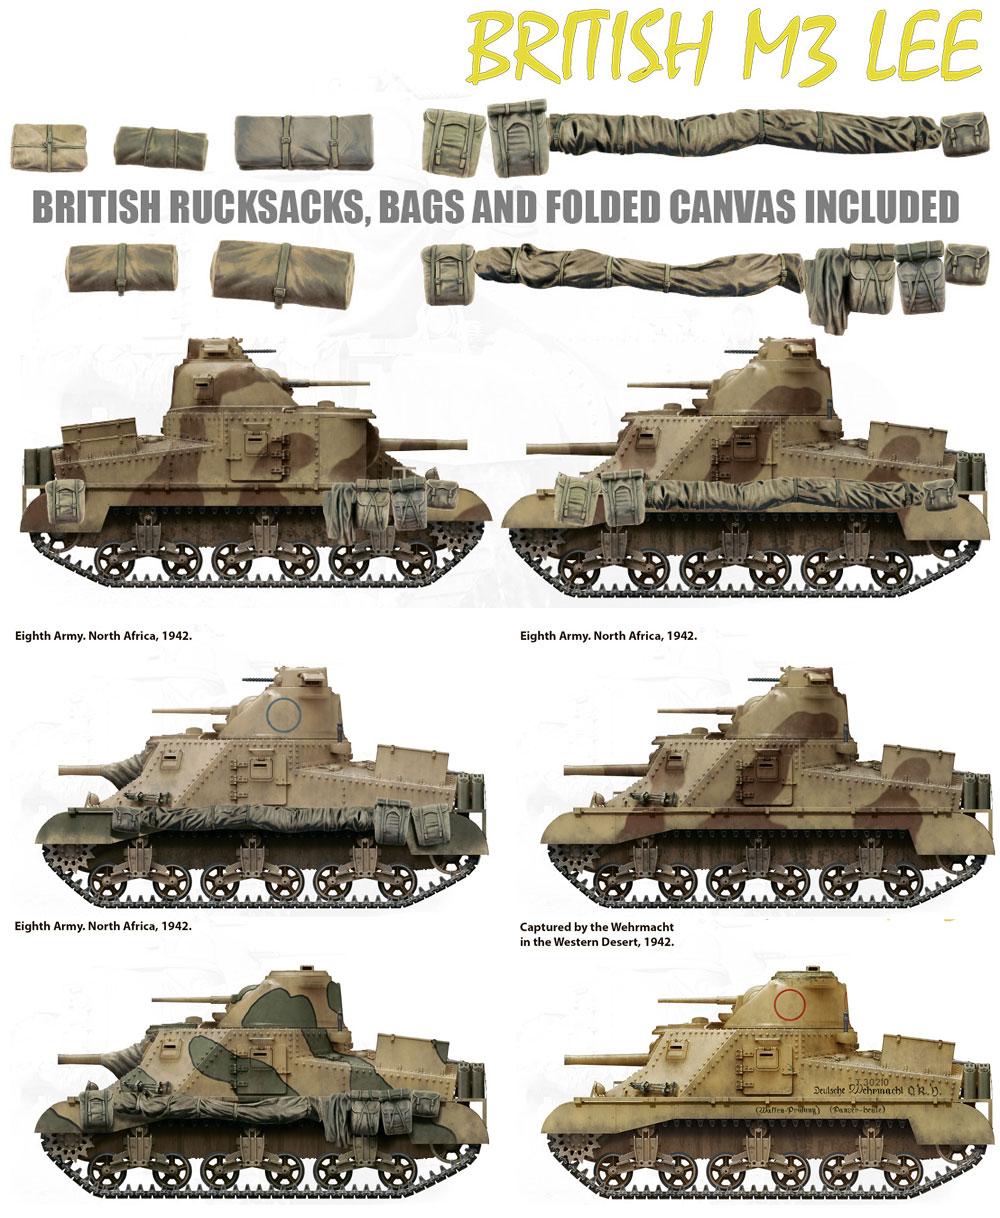 イギリス軍 M3 LEEプラモデル(ミニアート1/35 WW2 ミリタリーミニチュアNo.35270)商品画像_1